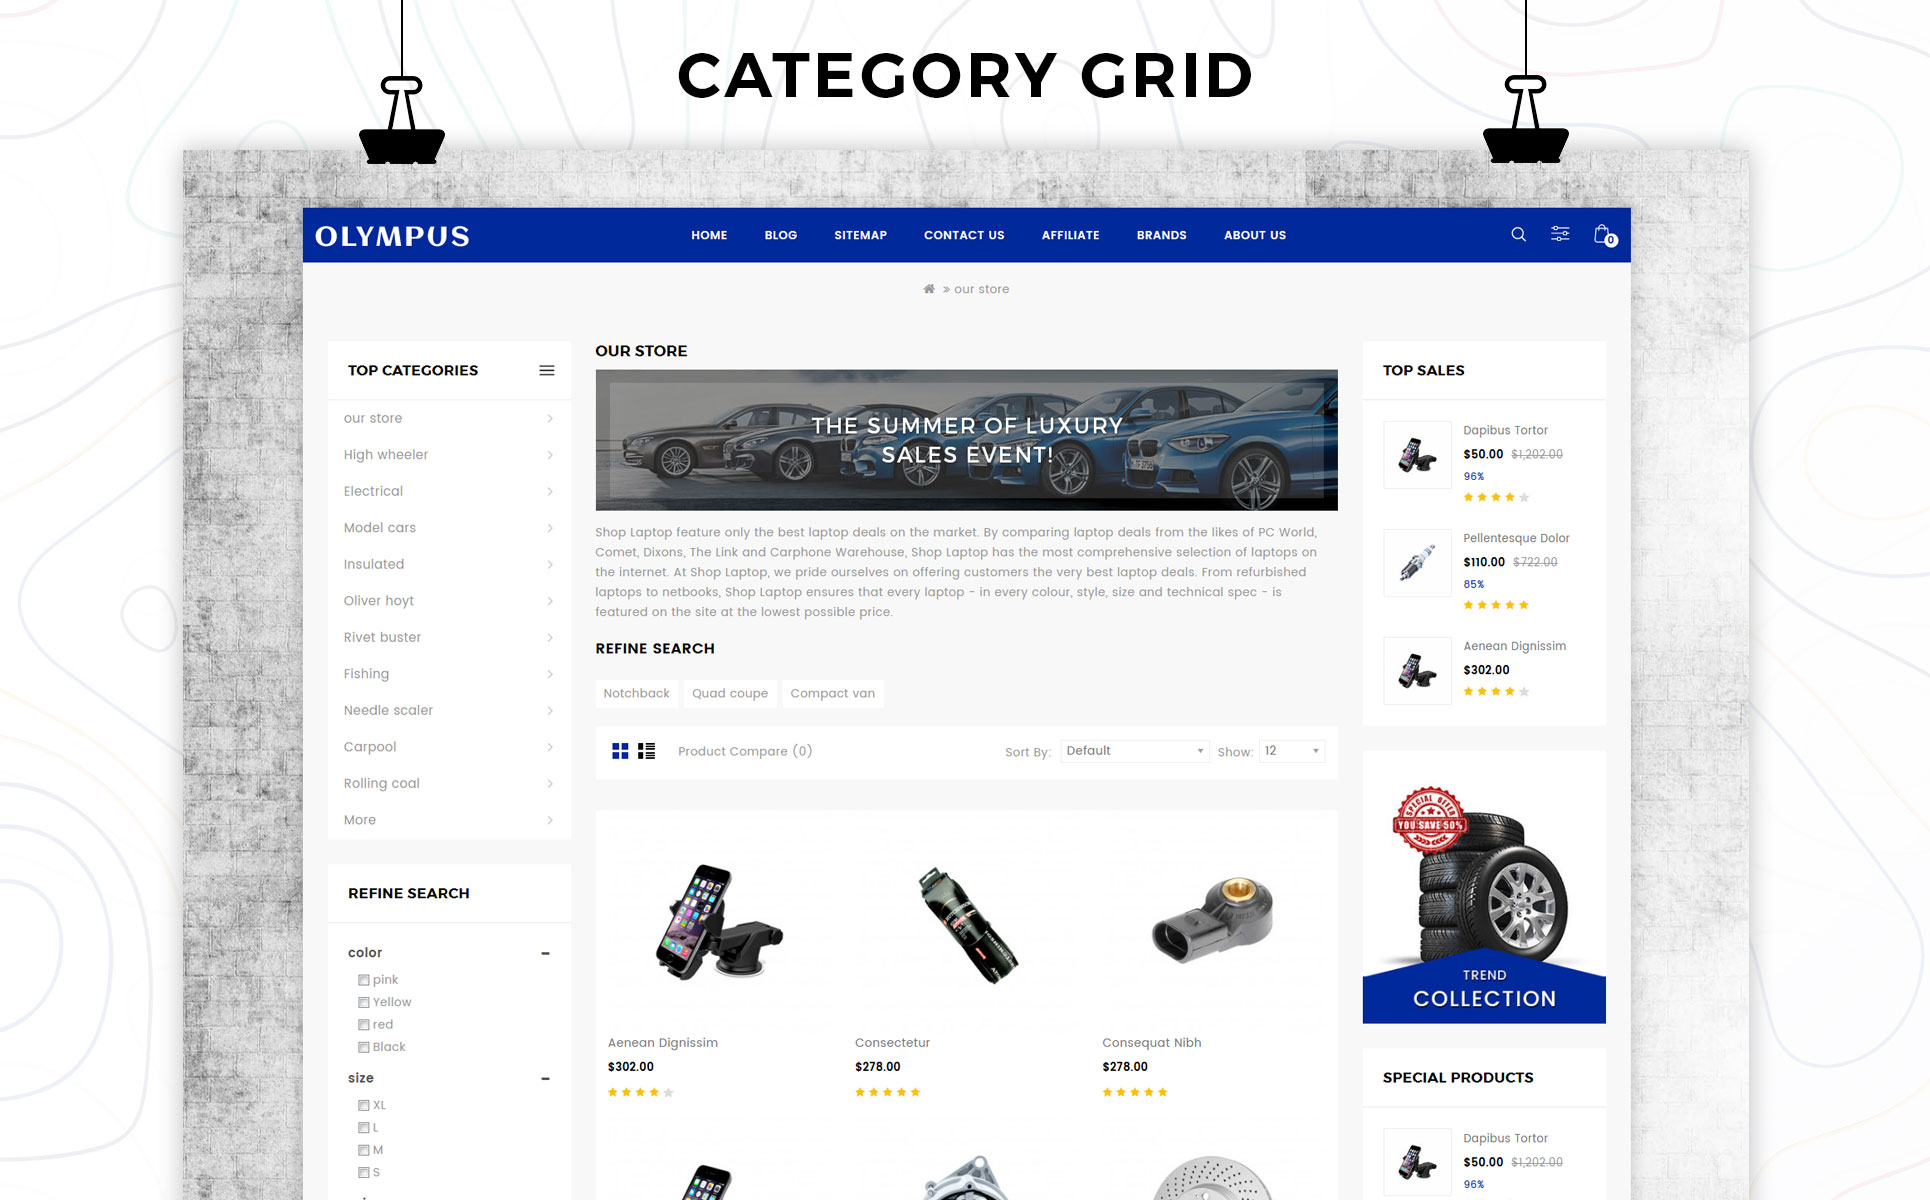 Plantilla para opencart - Categoría: Coches y motos - versión para Desktop